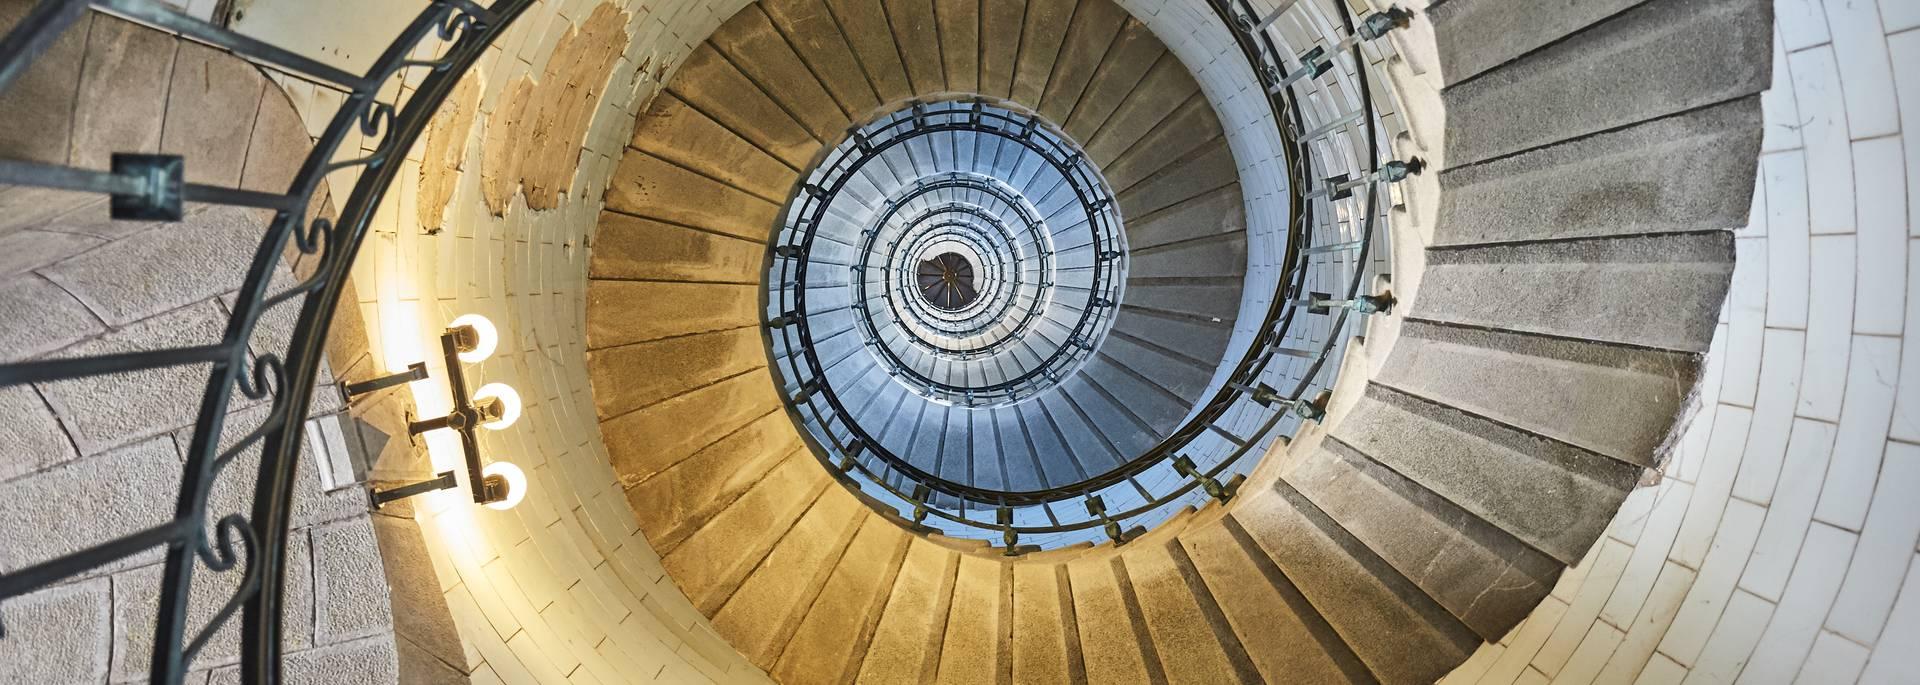 L'escalier, 307 marches à gravir, Phare d'Eckmühl ©Alexandre Lamoureux